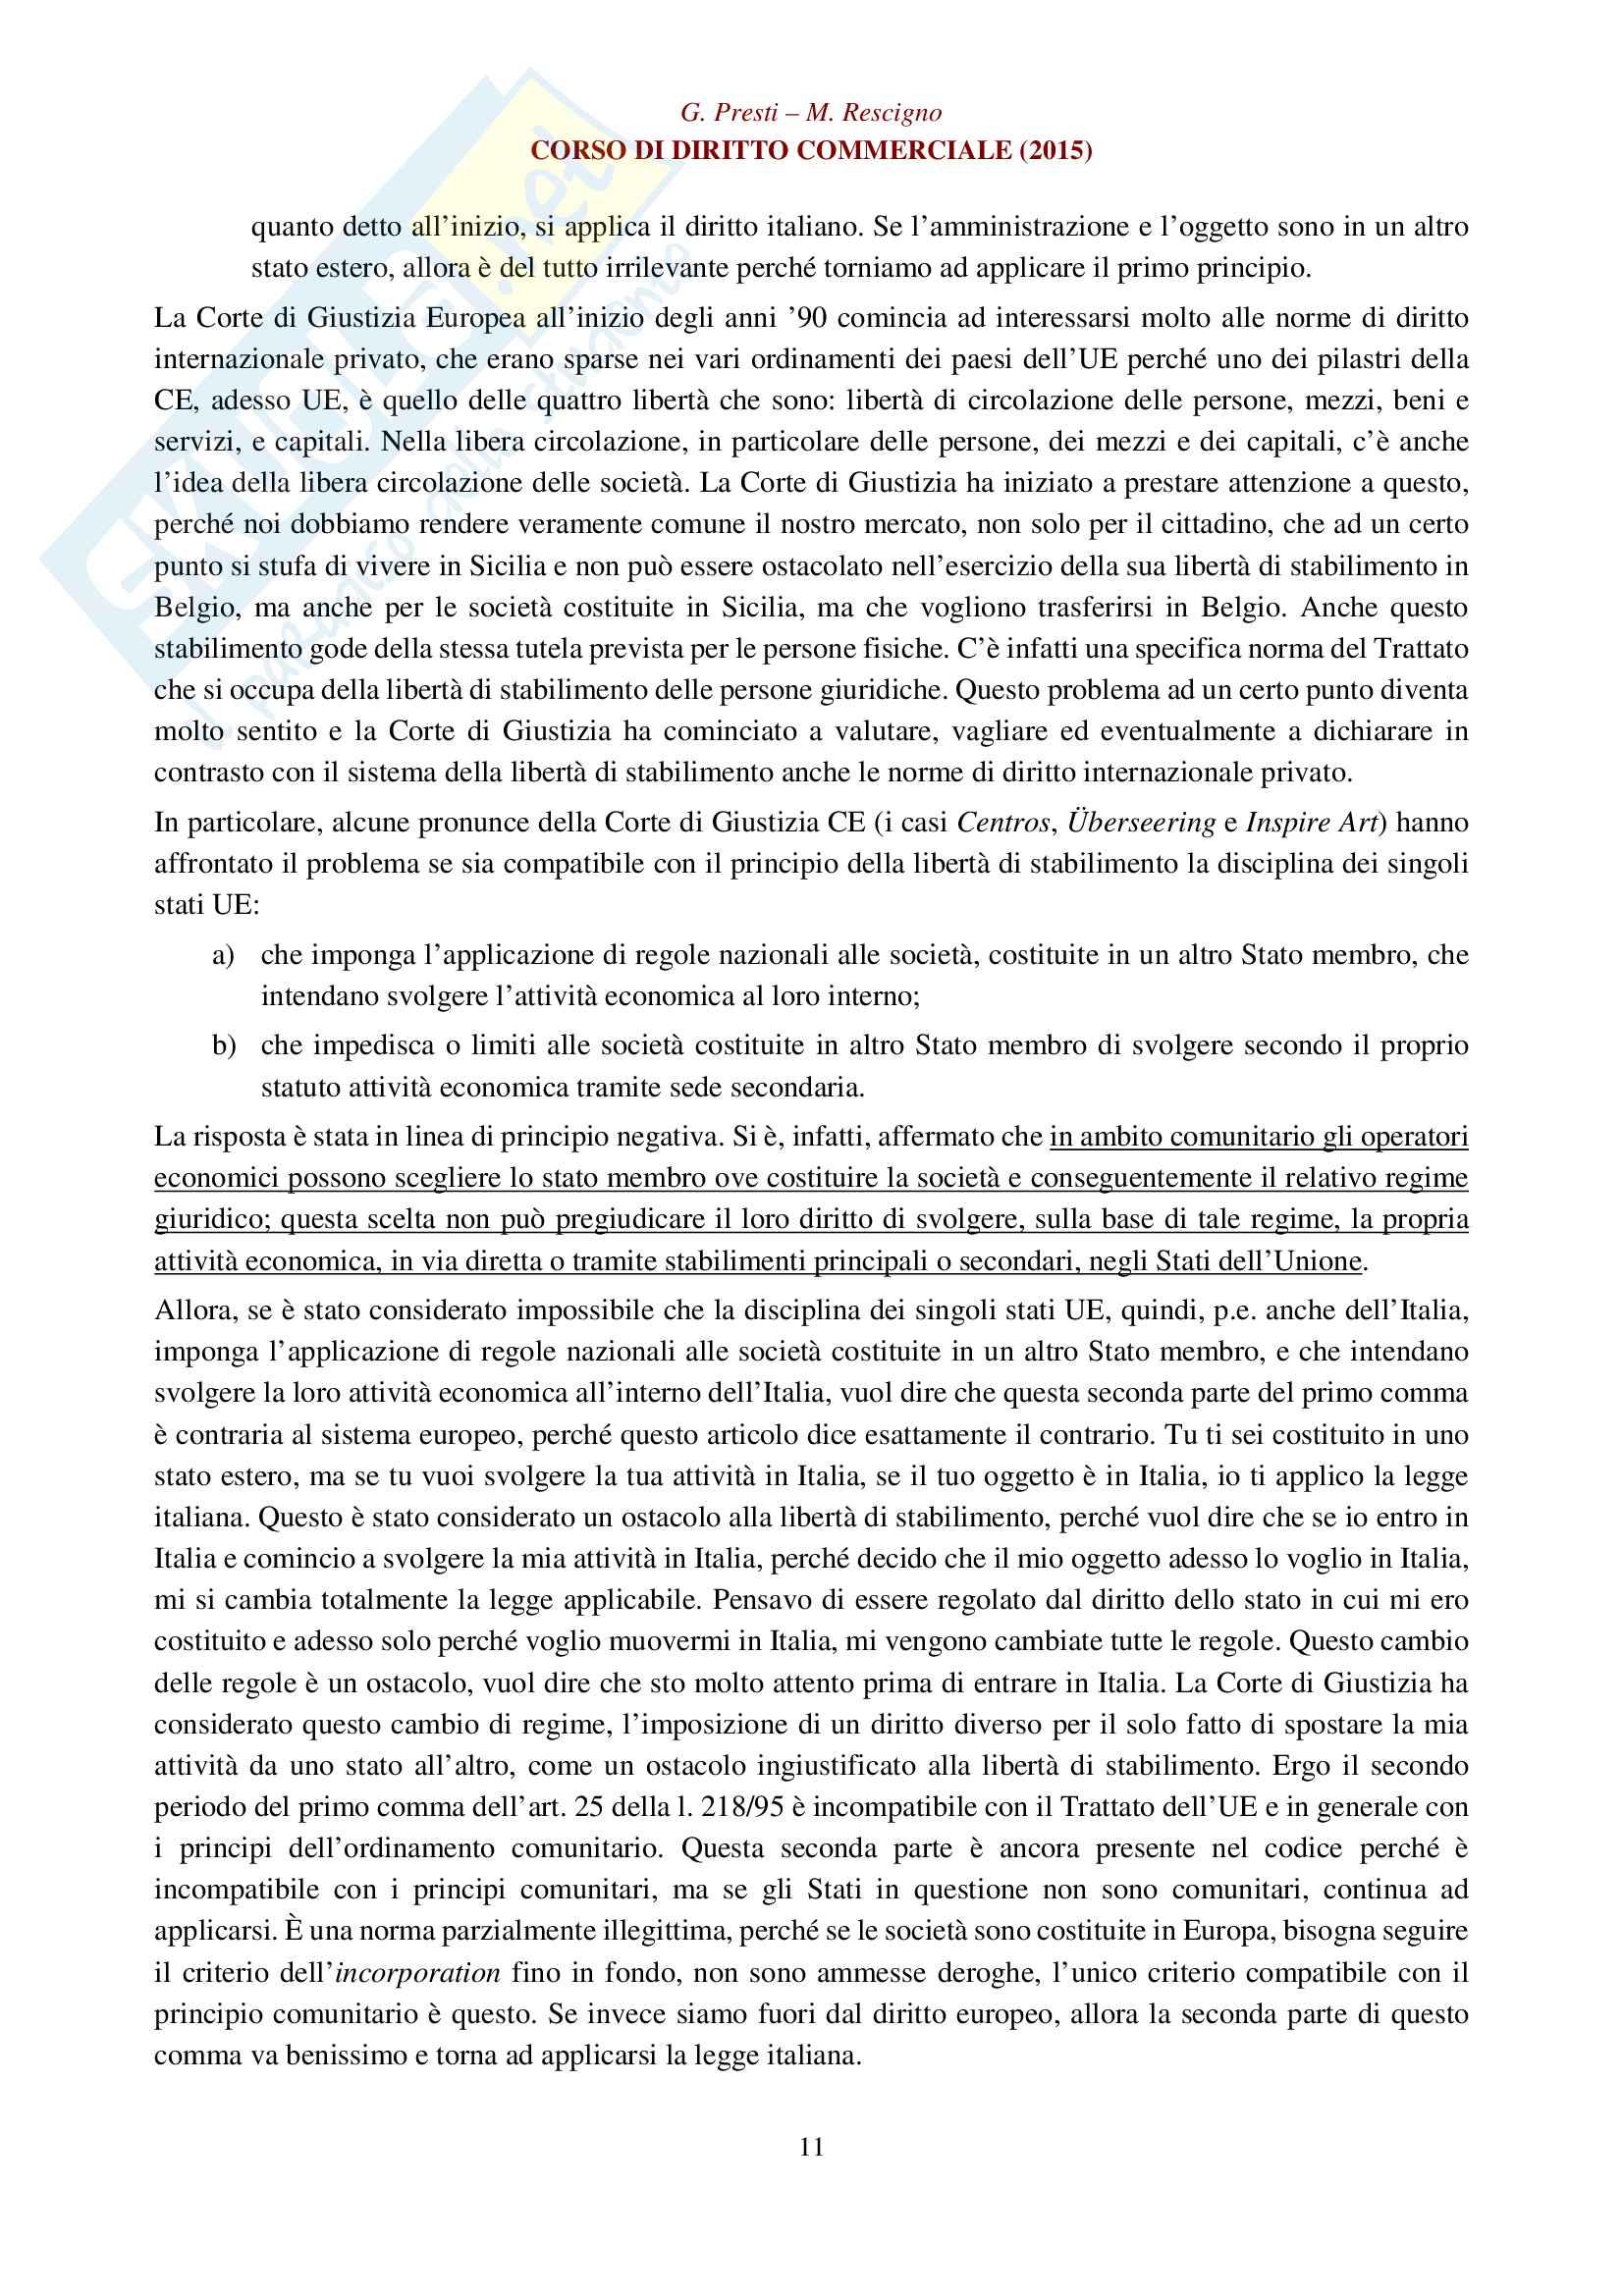 Appunti per esame di diritto commerciale: impresa, imprenditore e azienda Pag. 11